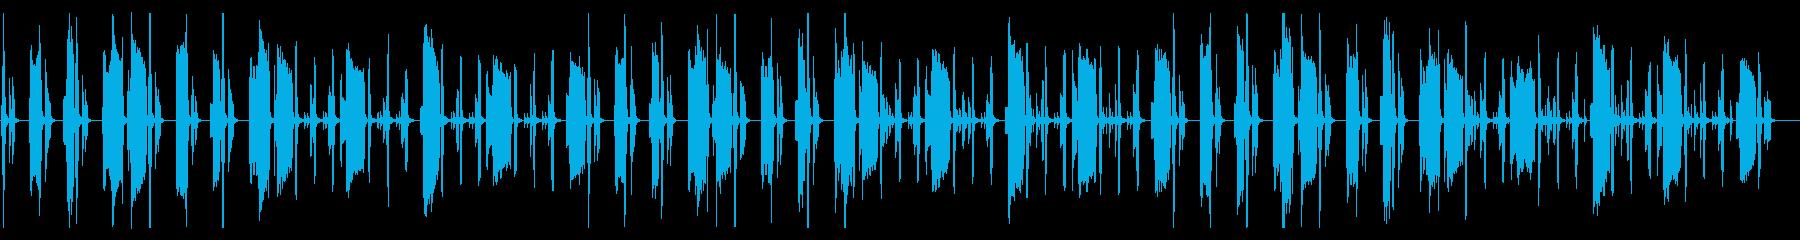 YouTube エレピ・ほのほの・日常の再生済みの波形